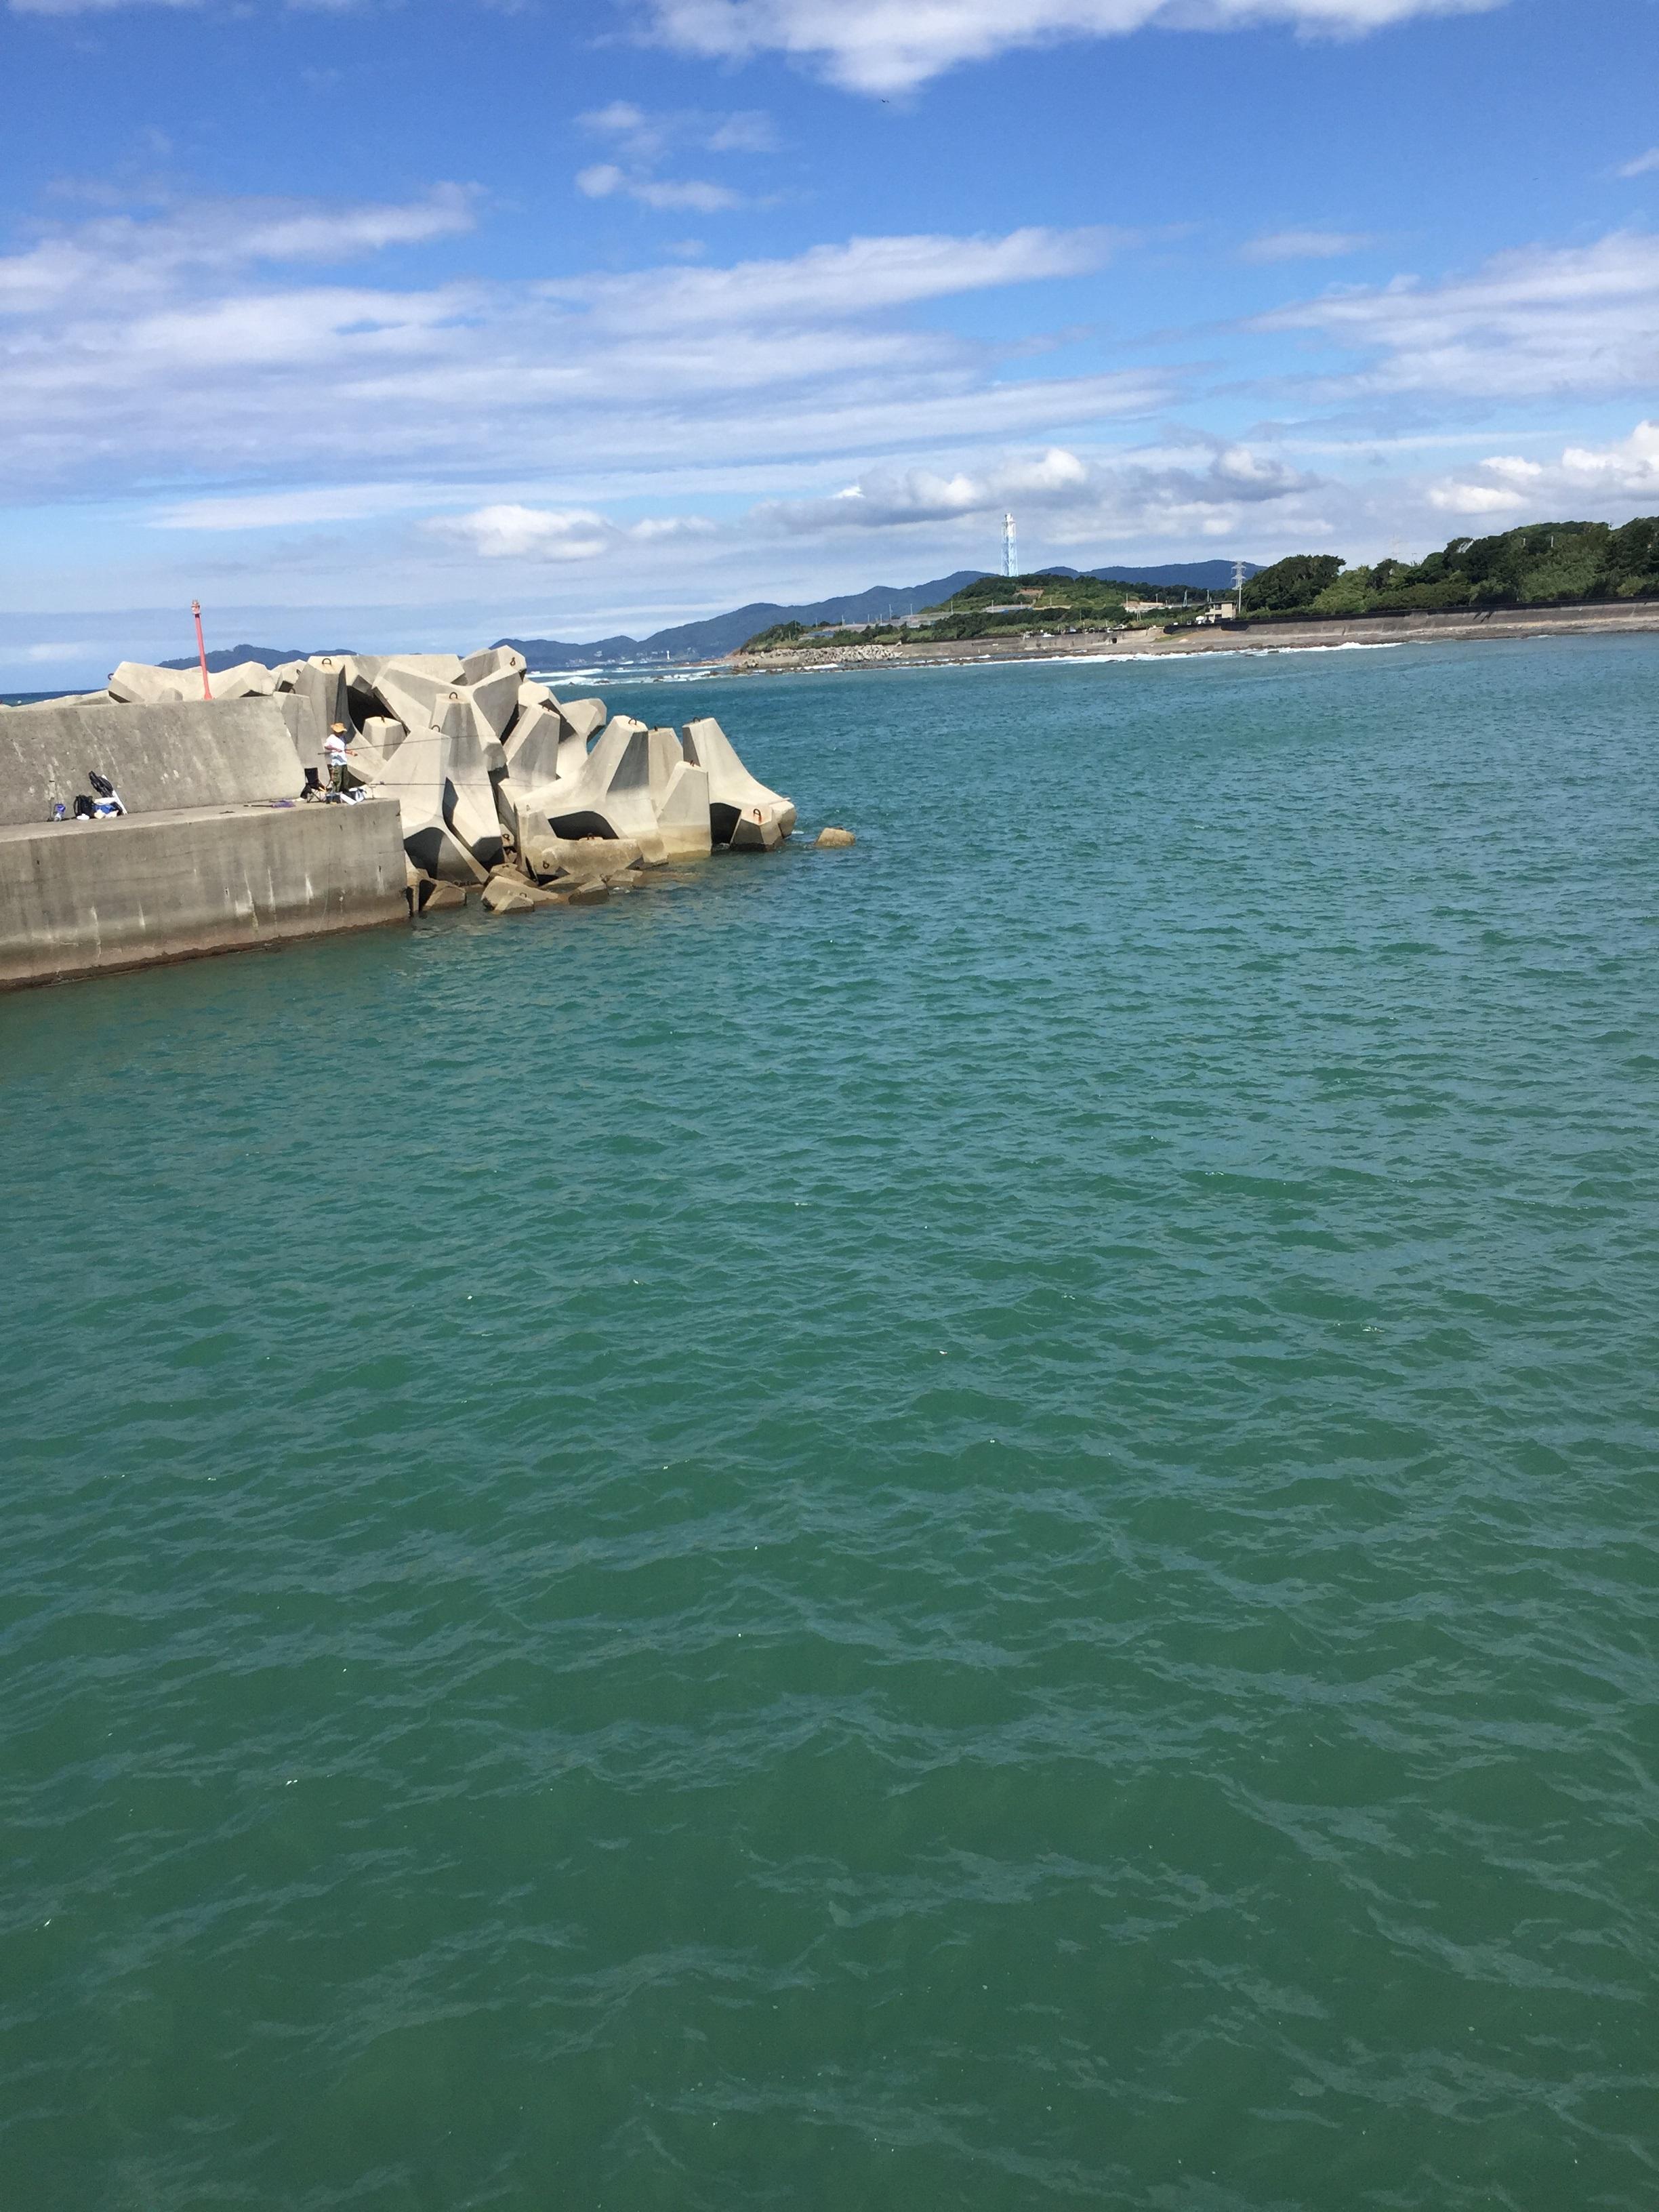 加尾漁港の釣り場紹介、和歌山中紀の春イカ狙いのエギングにオススメの漁港